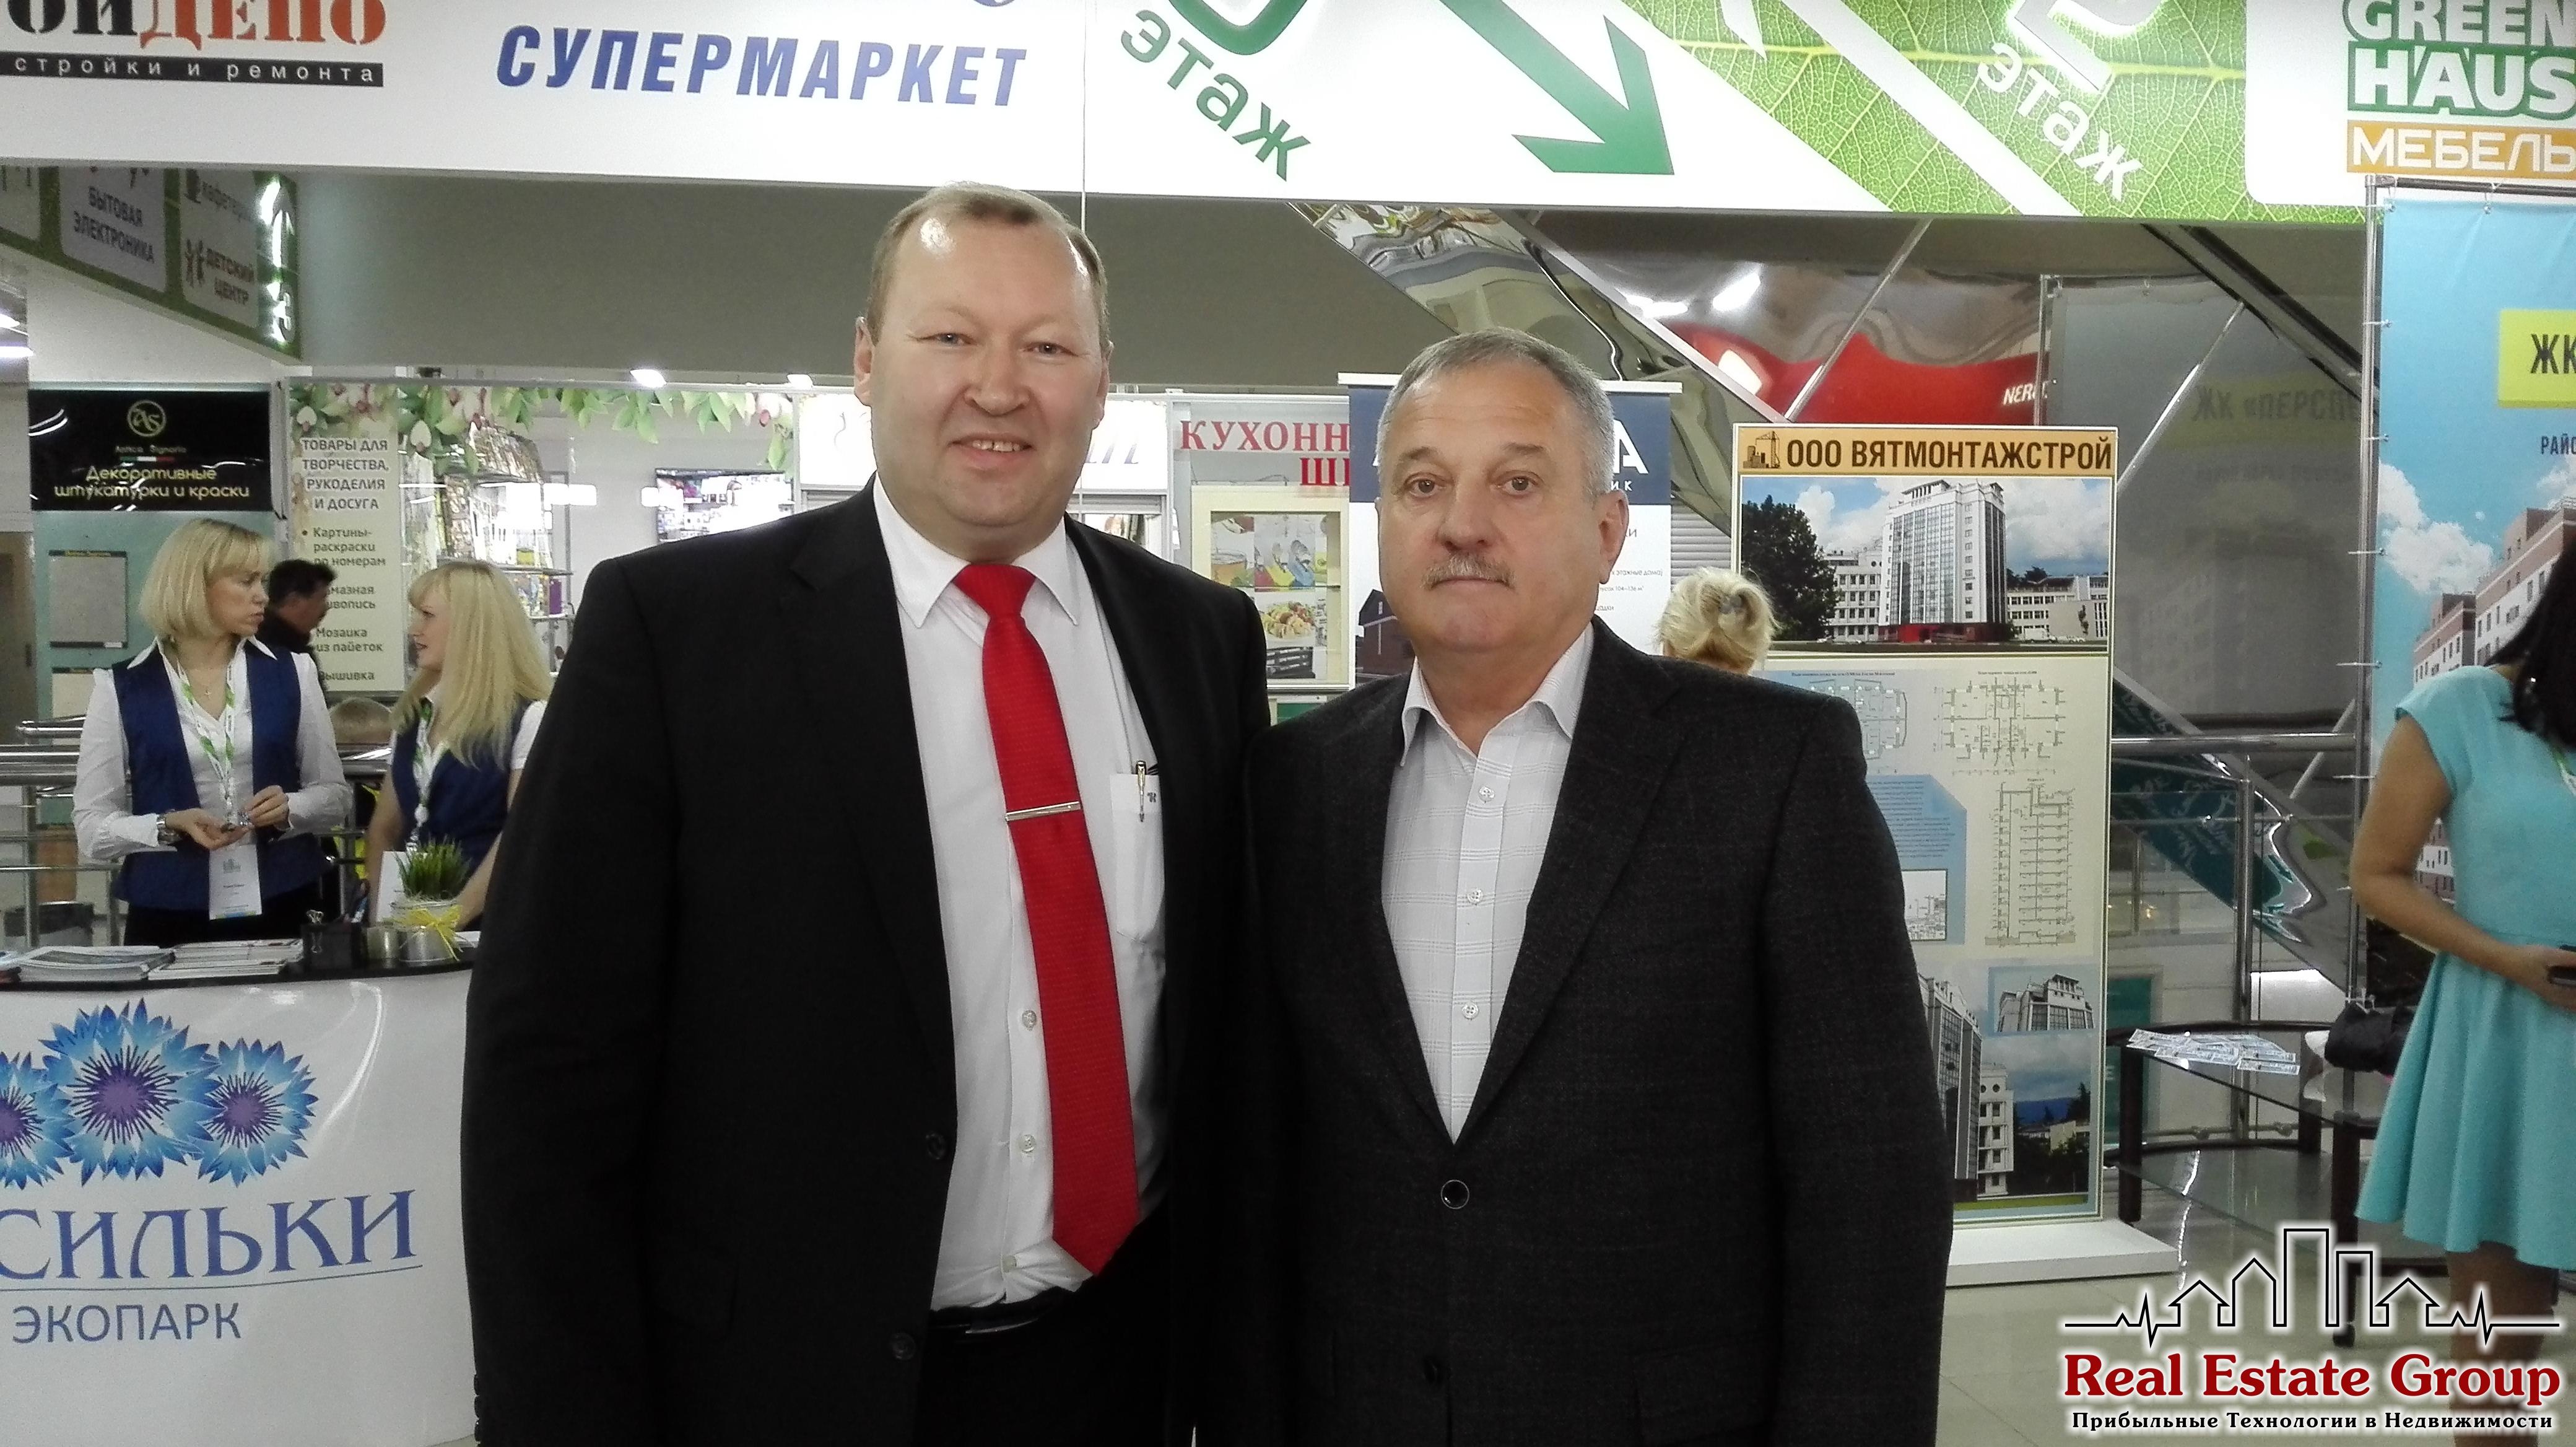 06_green-haus-kirov-26-09-2015